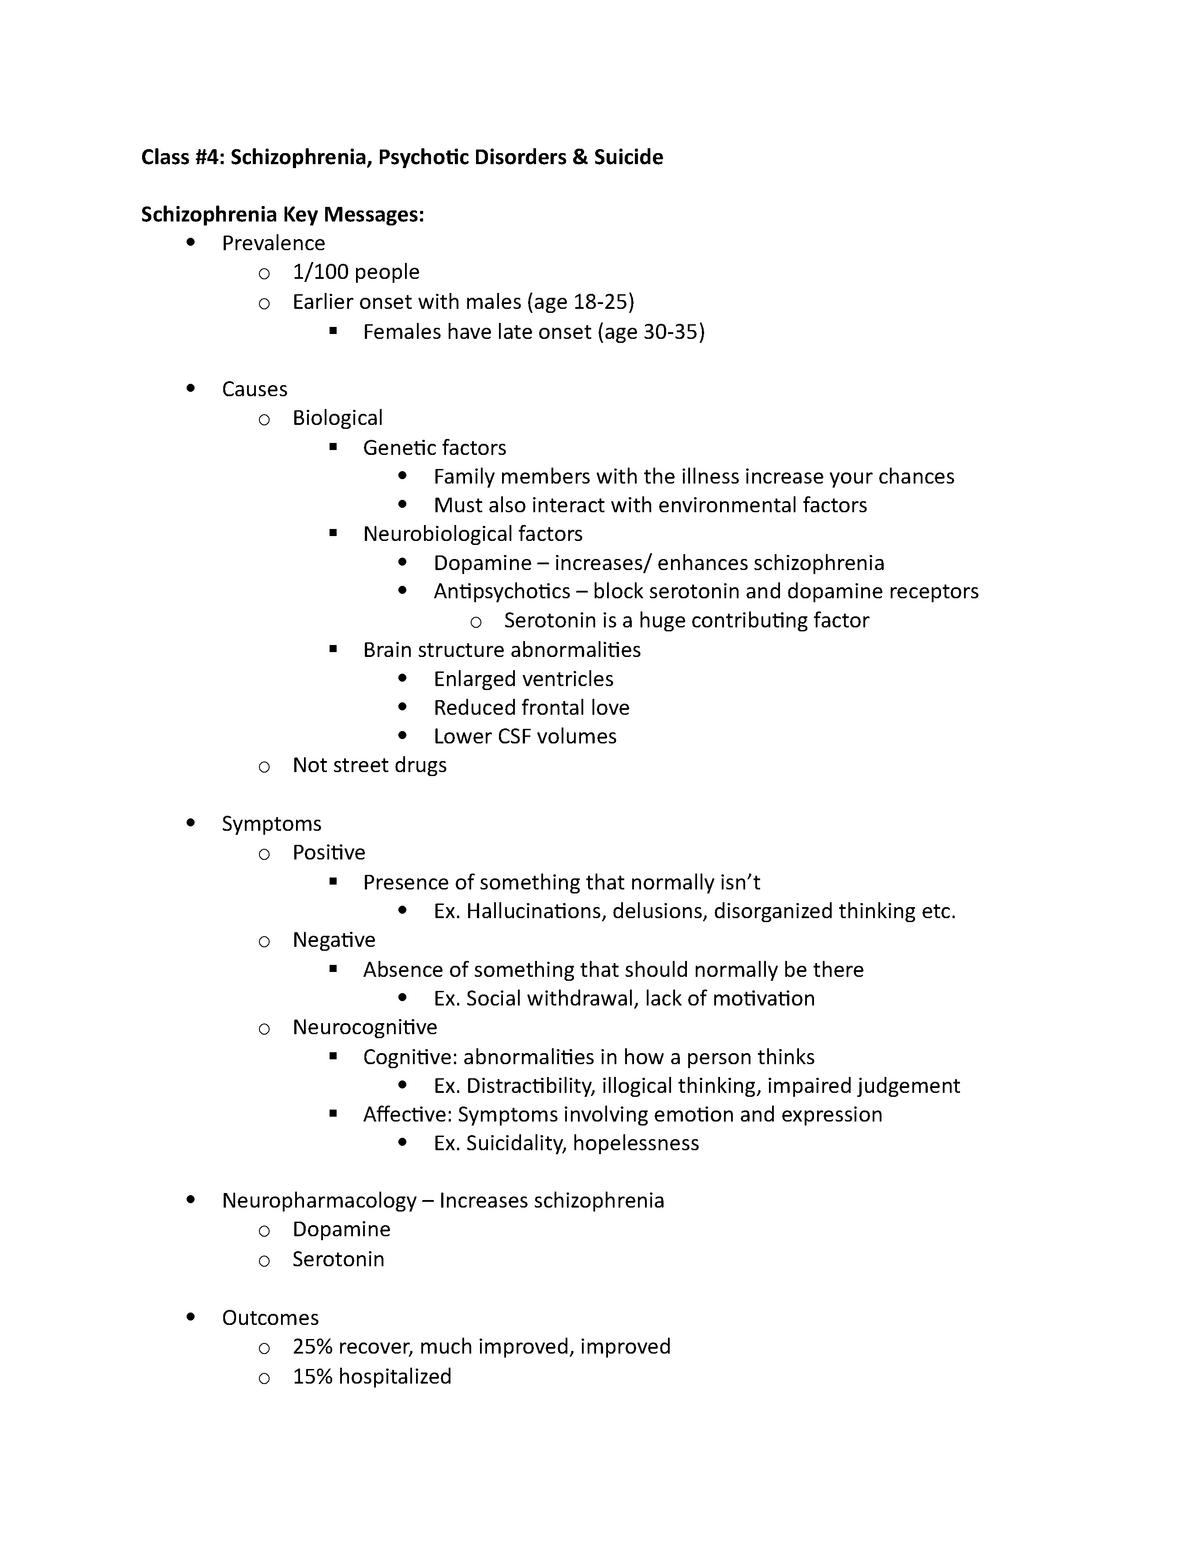 Notes for NURS 272 Midterm #1 - Nurs 272 - StuDocu